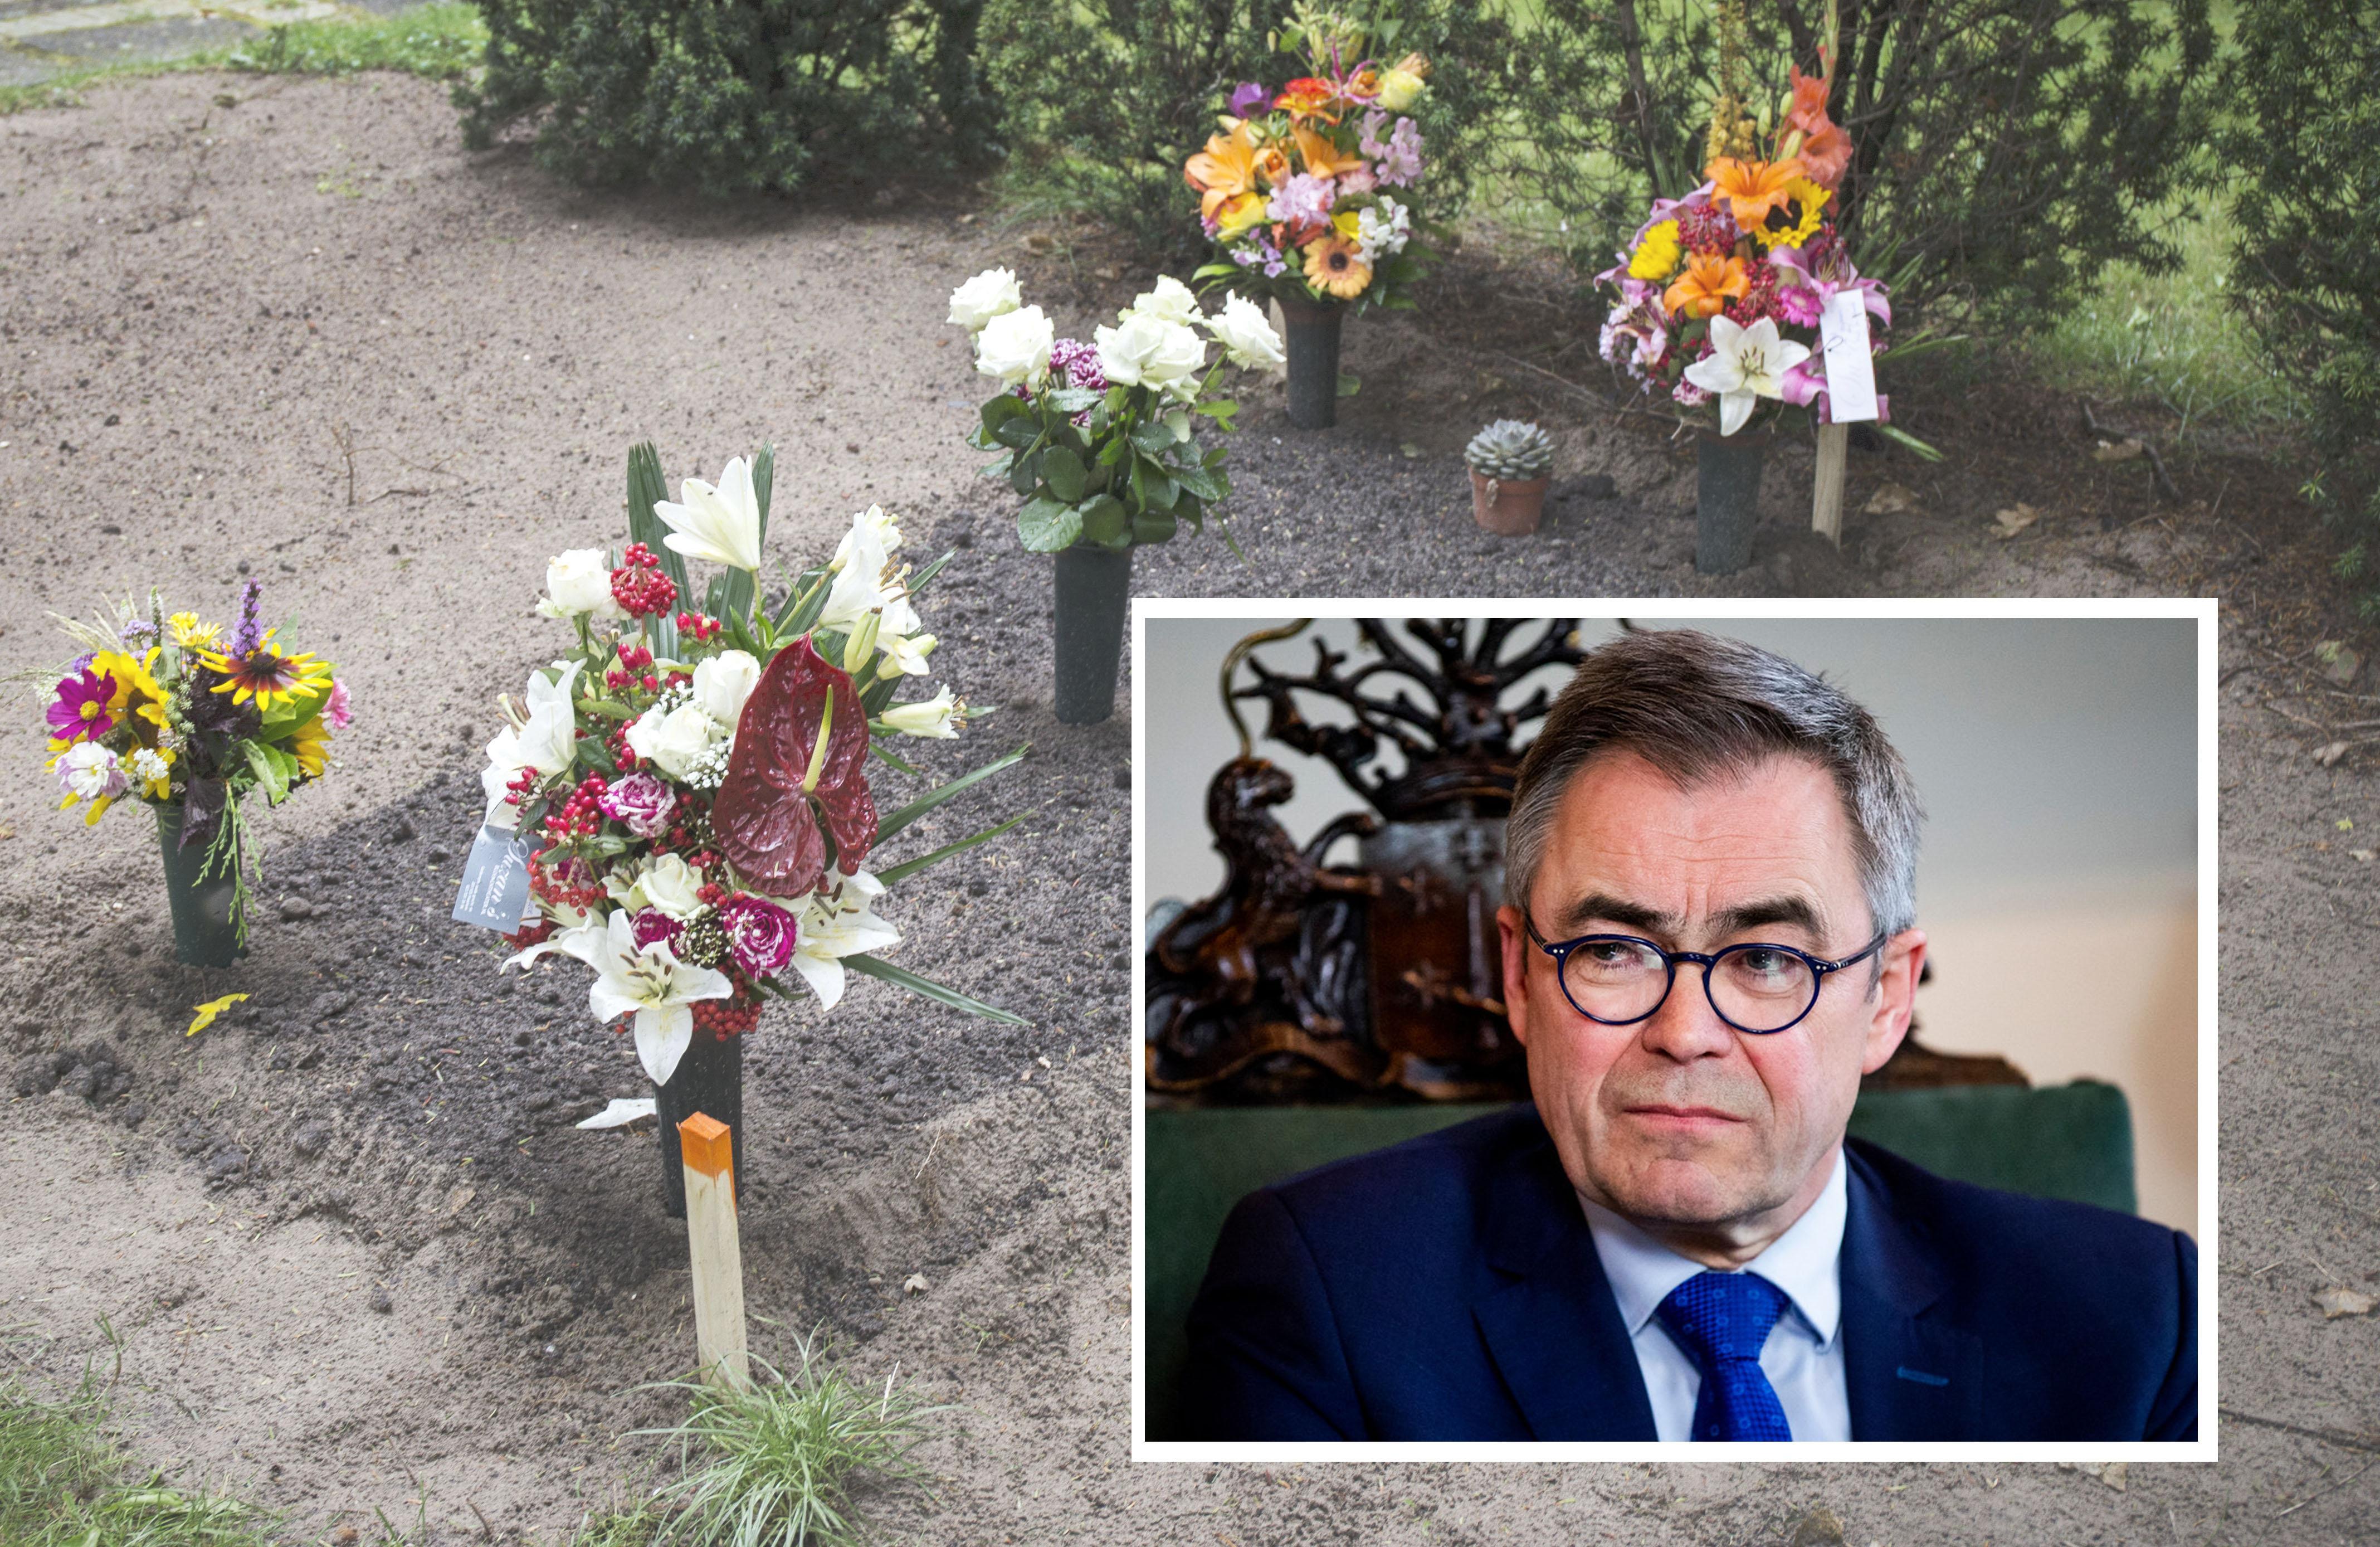 Burgemeester Wienen laat onderzoek doen naar voorbereidingen uitvaart Madi Soh. Hij noemt de verstoring van de begrafenis vrijdag 'respectloos en kwalijk'